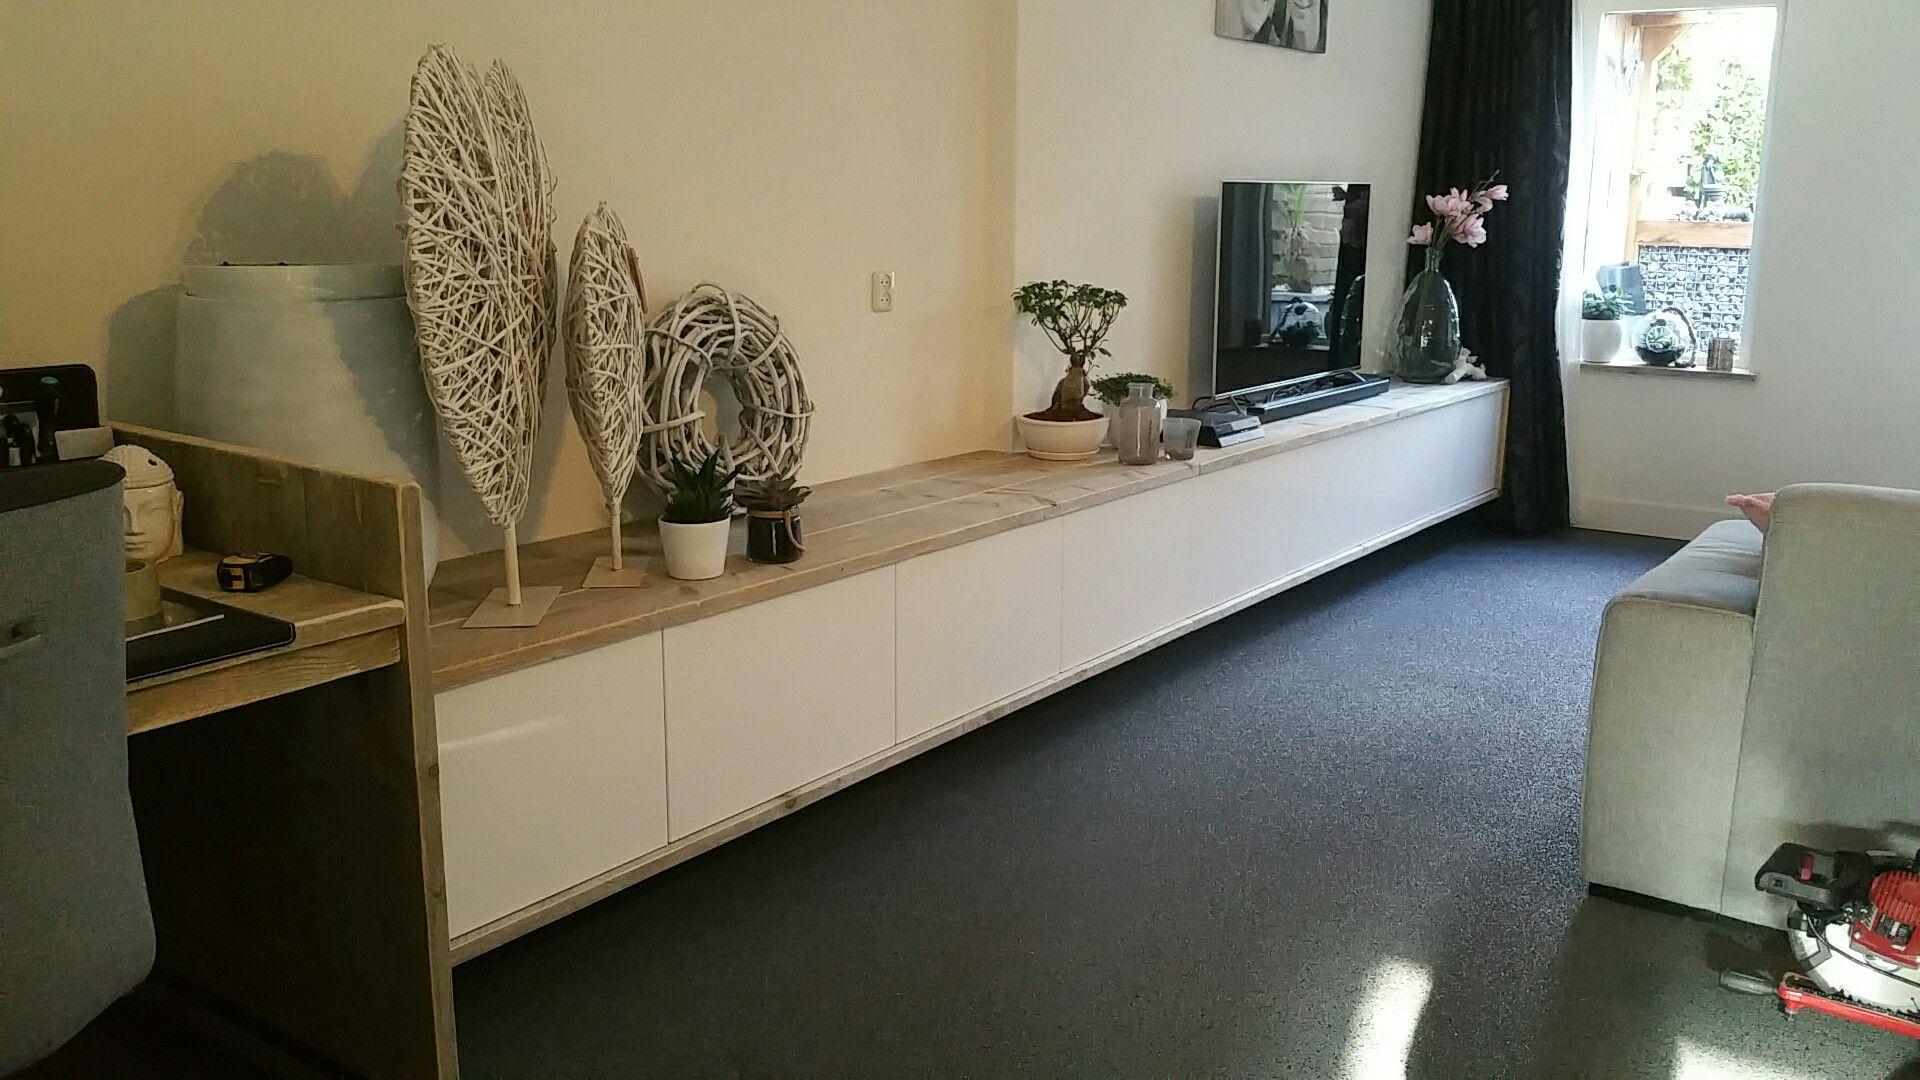 Tv meubel 480cm lang steigerhout oud hoogglans wit woonkamer ...